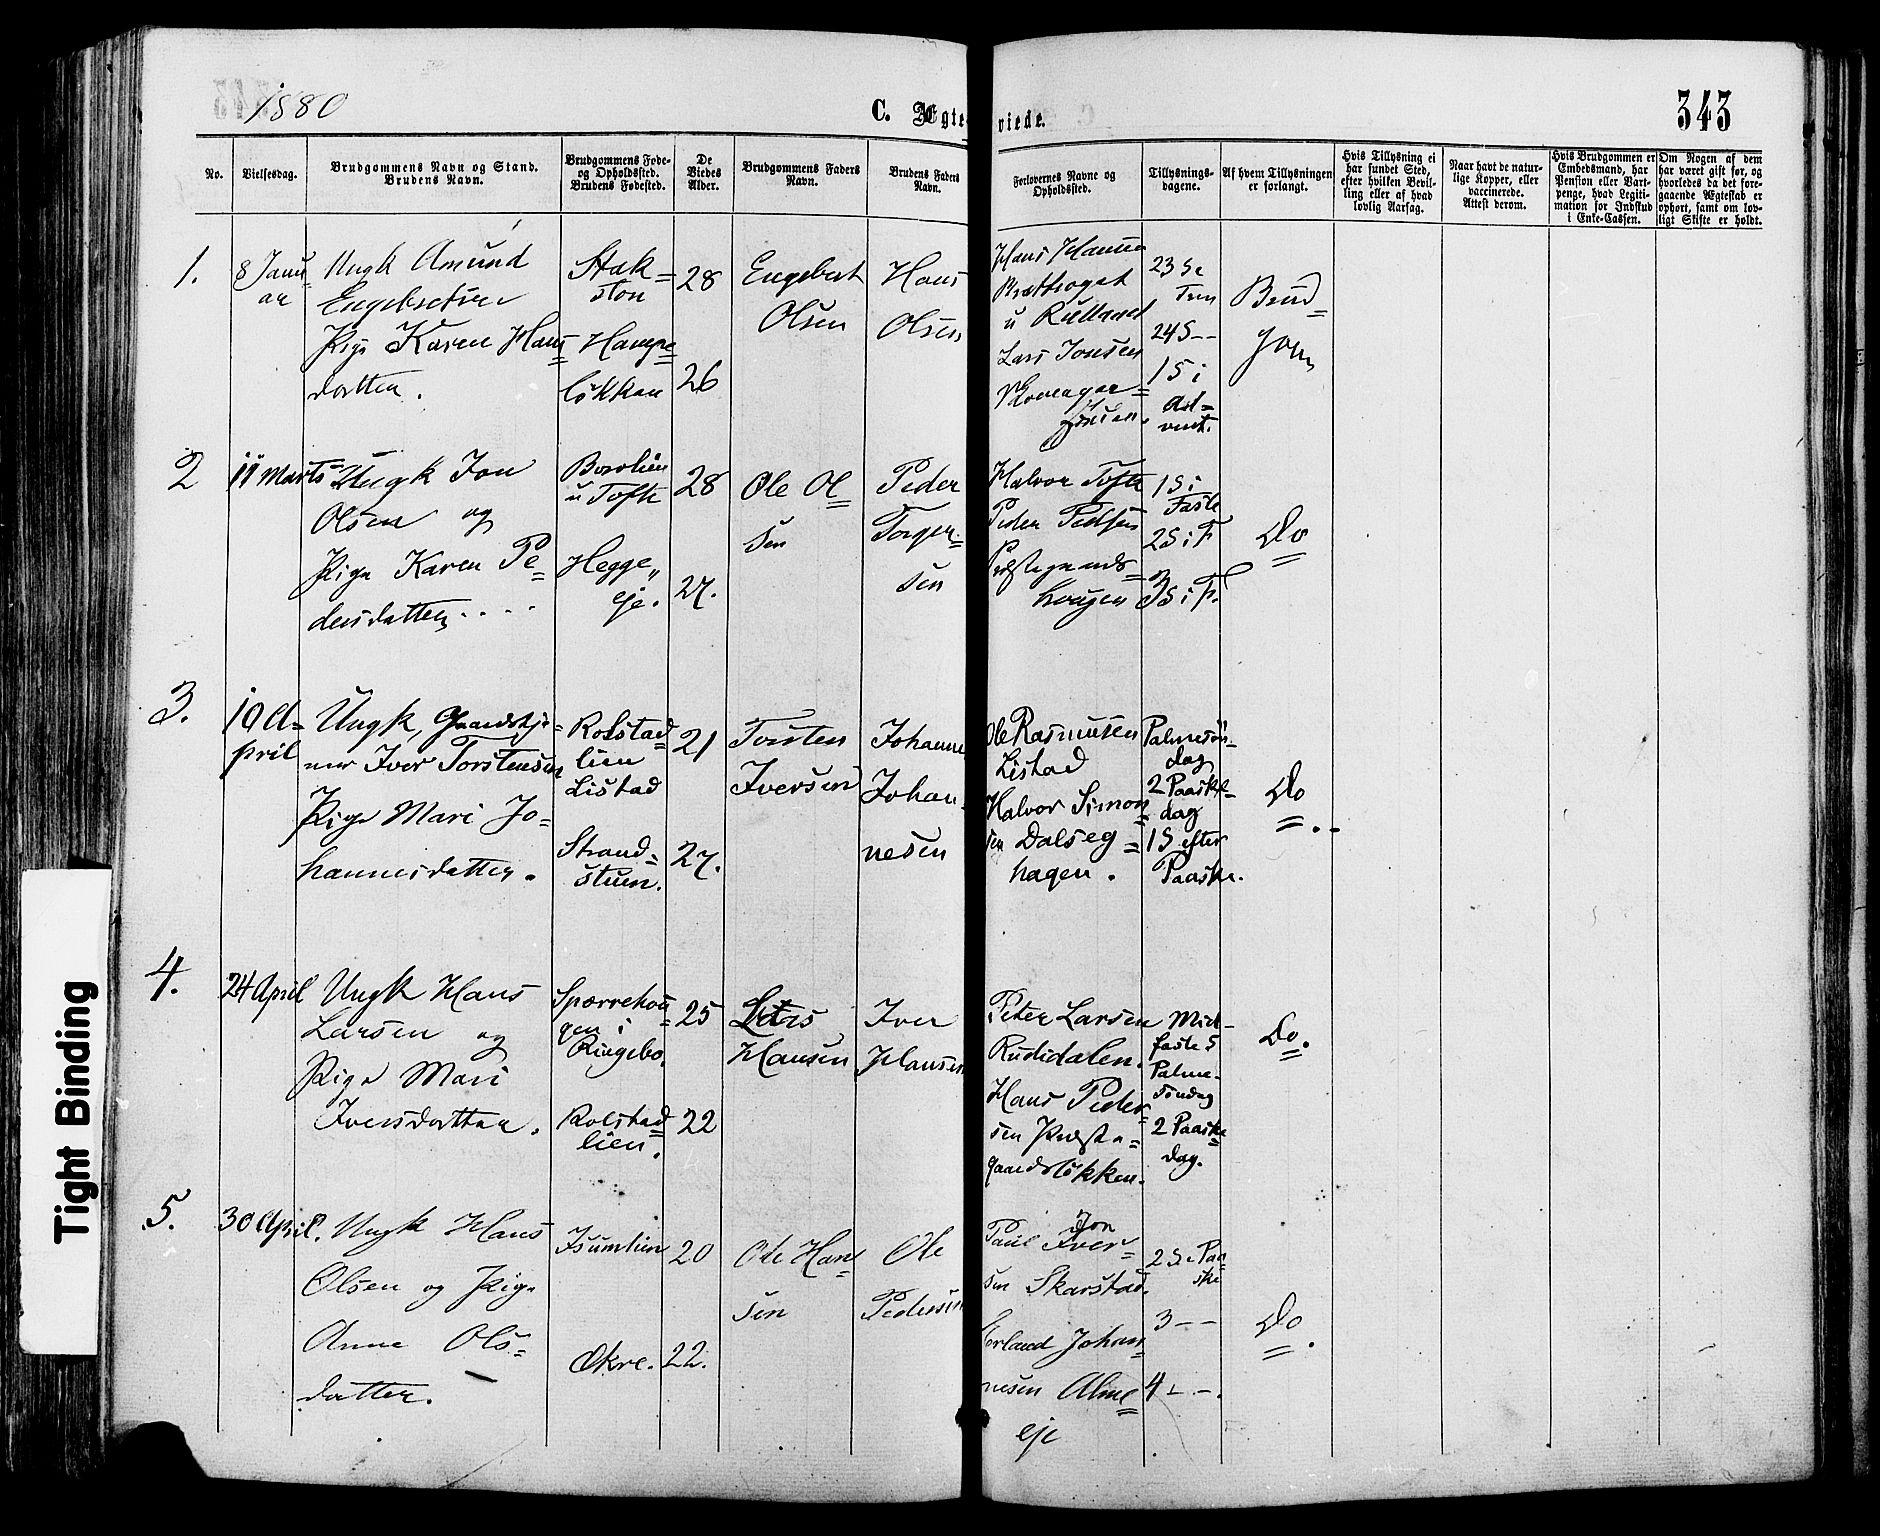 SAH, Sør-Fron prestekontor, H/Ha/Haa/L0002: Ministerialbok nr. 2, 1864-1880, s. 343